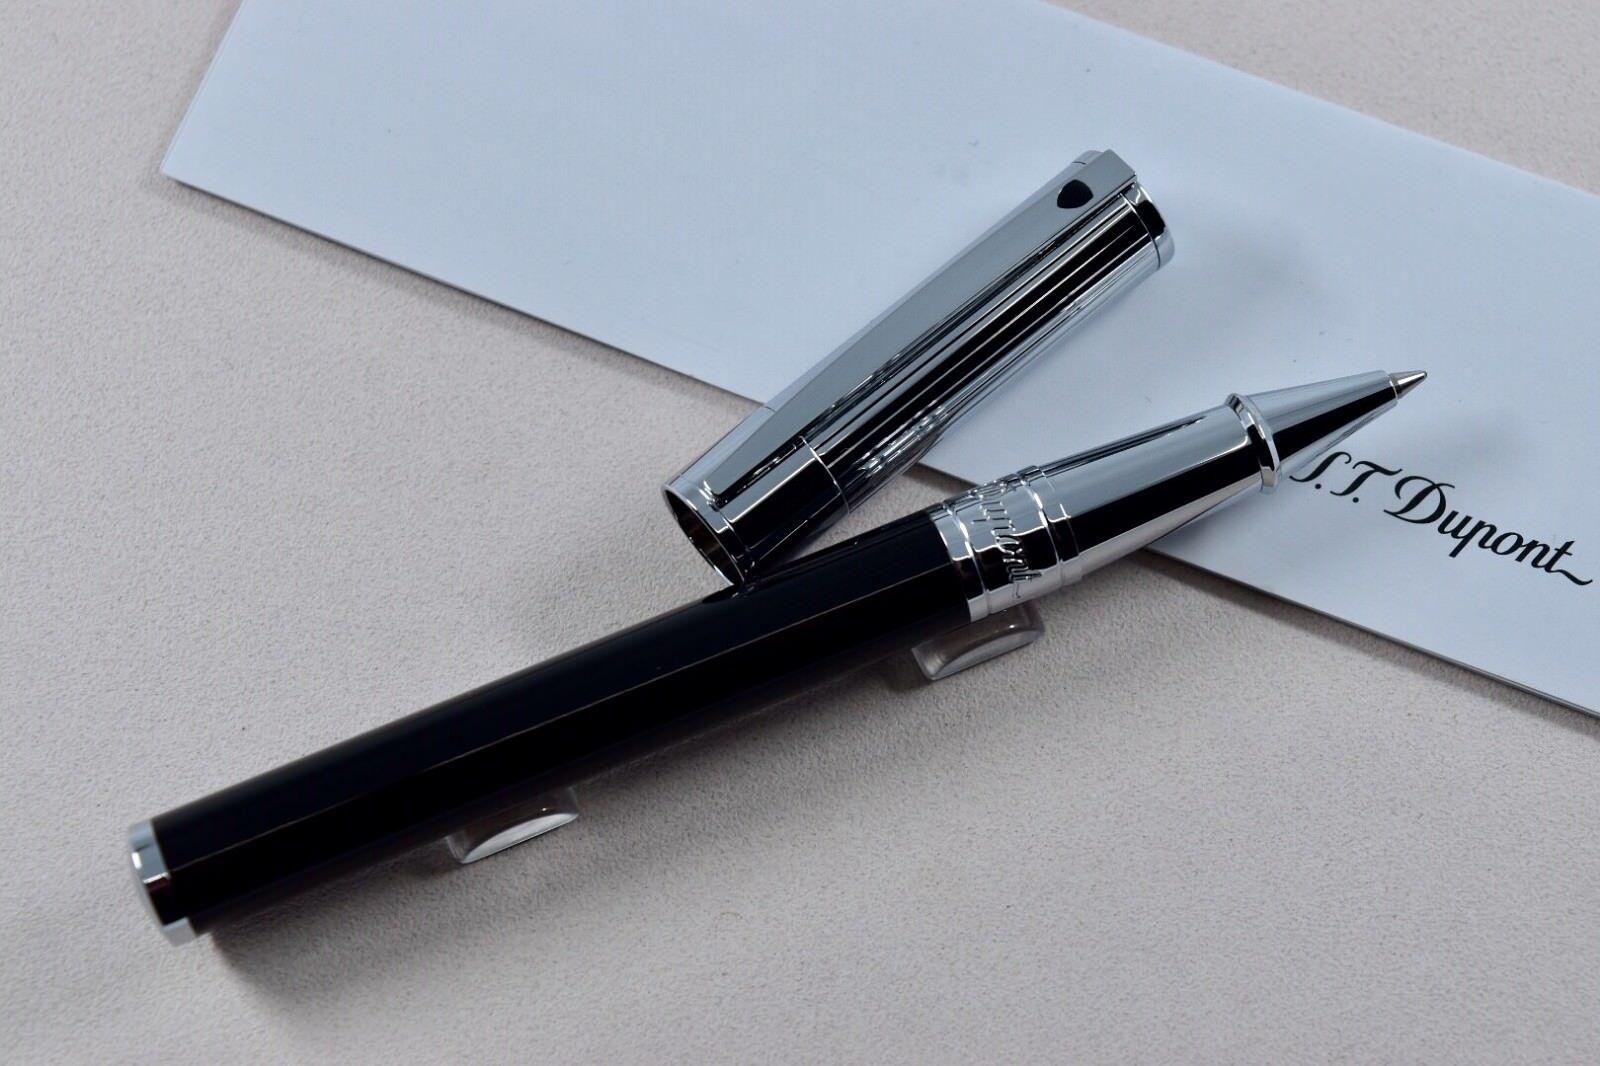 Neu st Dupont D-Initial Verchromt Goldsmith Kugelschreiber ST262201 | Bekannt für seine hervorragende Qualität